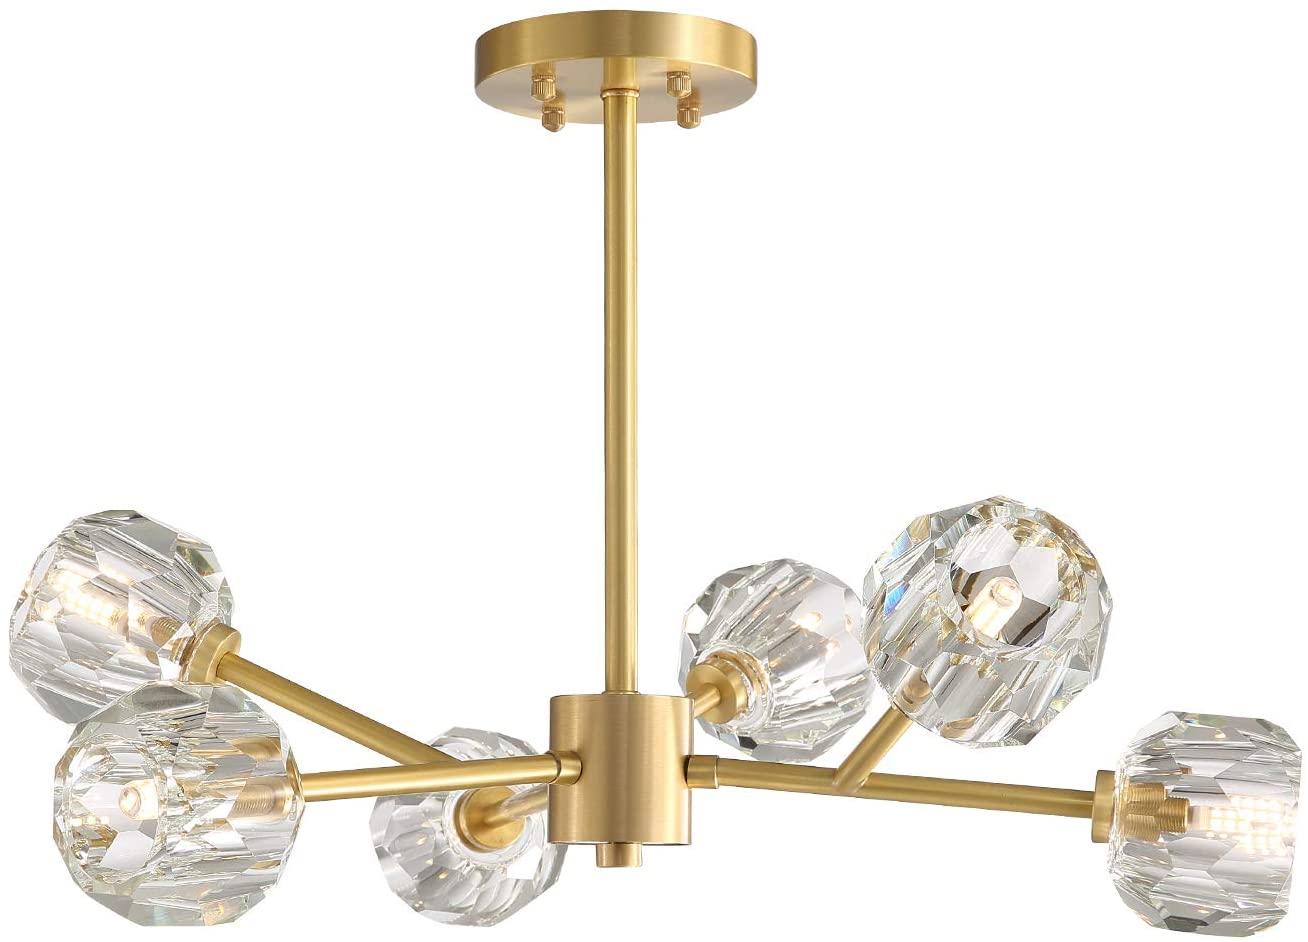 NOXARTE Brass Sputnik Chandelier Lighting Modern Pendant Lamp with Crystal Globe Shade Gold Ceiling Light Fixture 6 Lights for Dining Room Bedroom